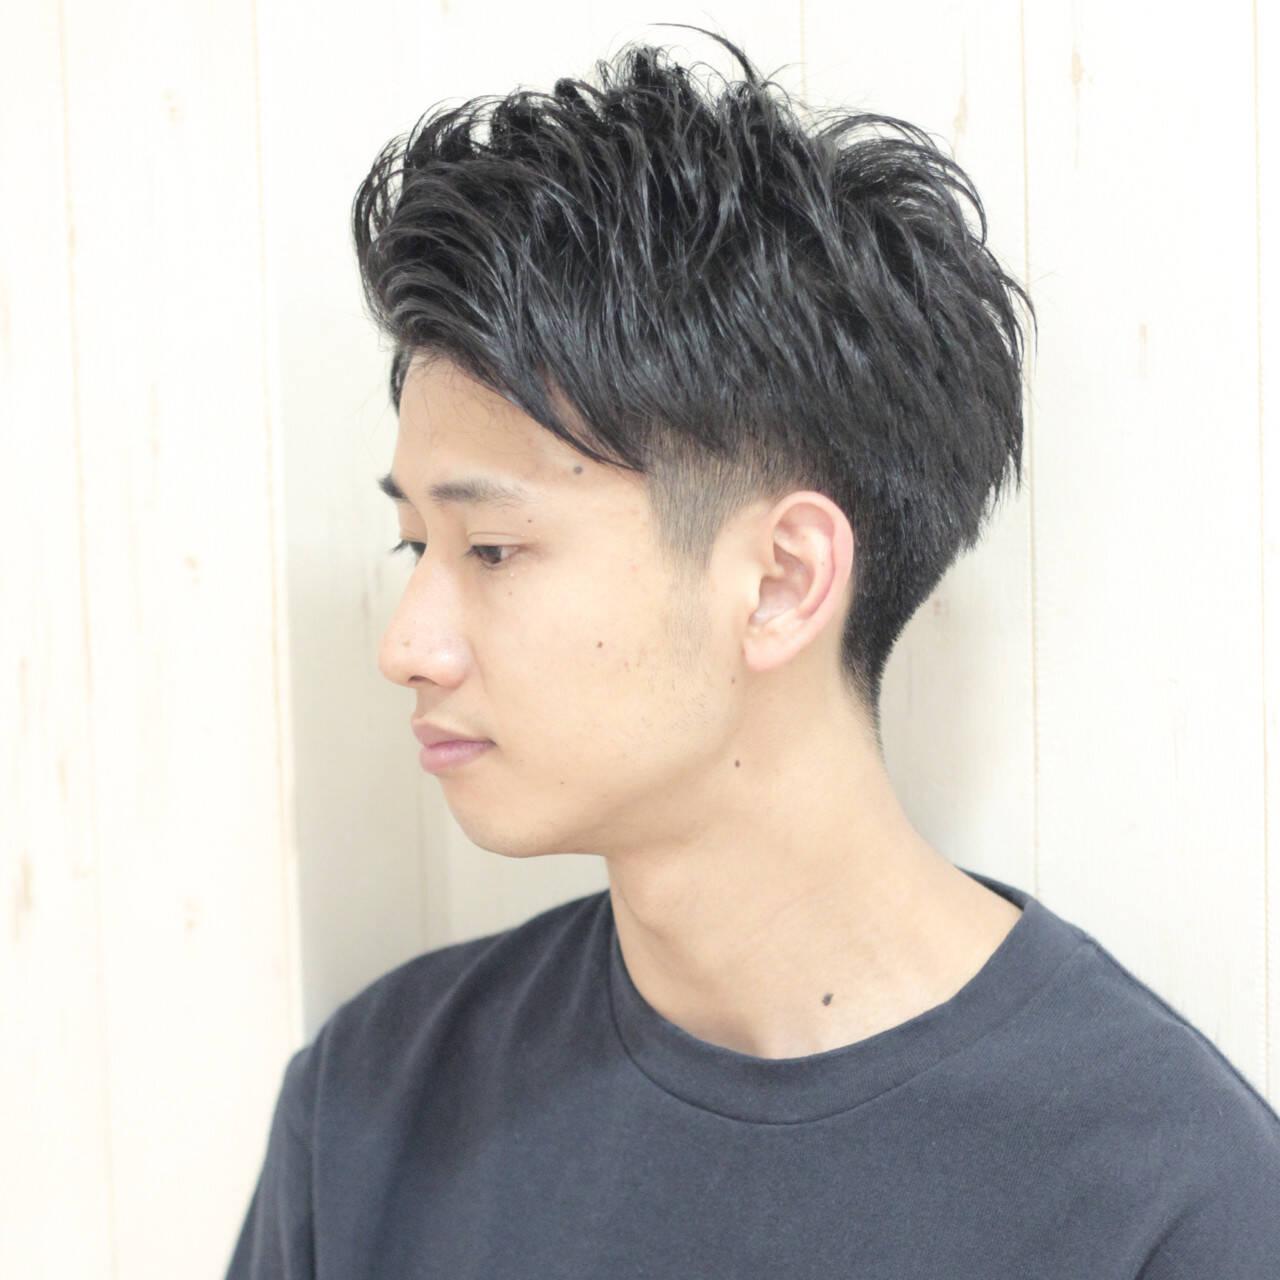 黒髪 刈り上げ メンズ ボーイッシュヘアスタイルや髪型の写真・画像